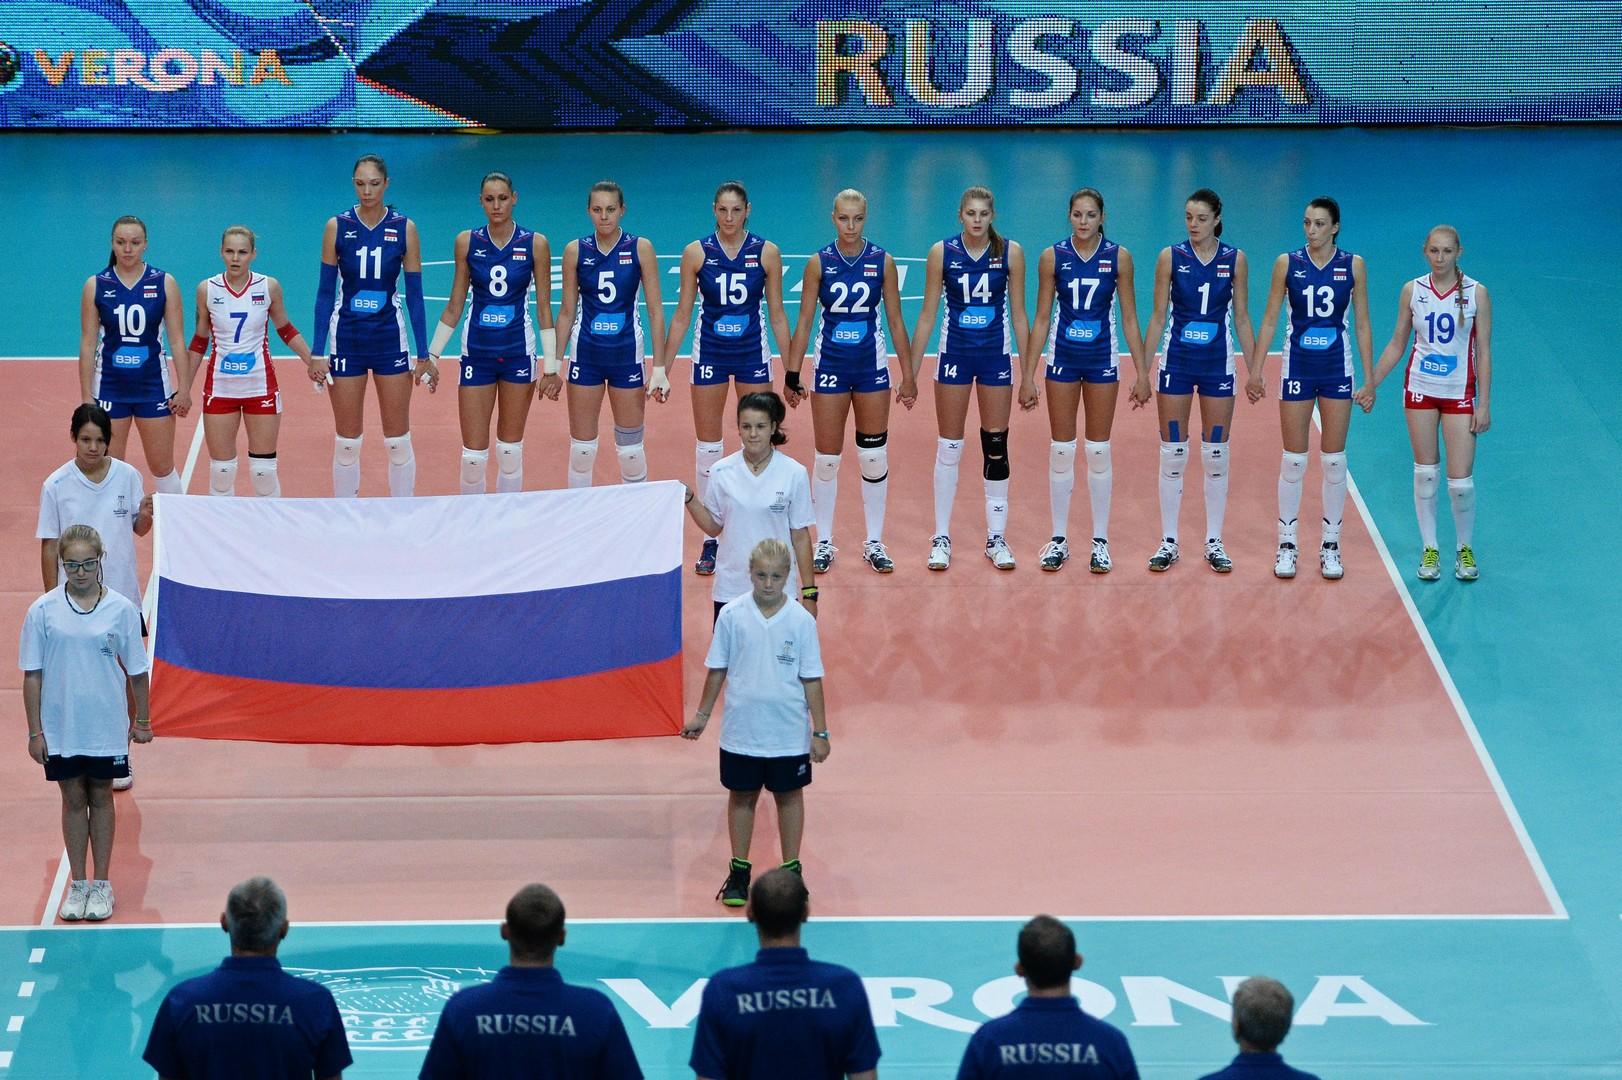 Игроки сборной России перед матчем чемпионата мира по волейболу между командами России и Мексики в городе Вероне.